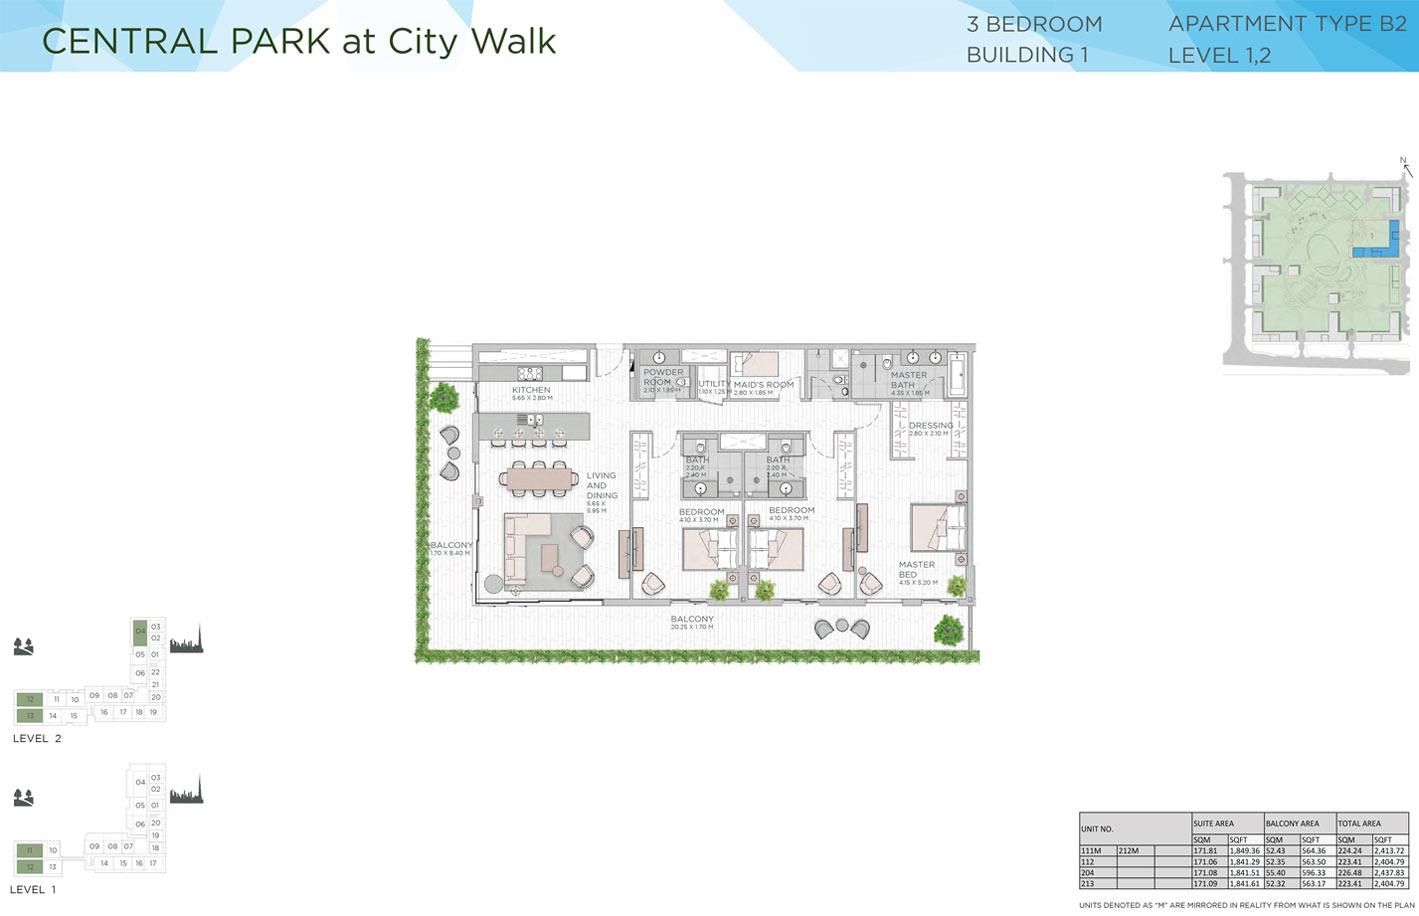 ثلاث غرف نوم، المبنى 1، المستوى 2 - 1، الفيئة B2 ،  حجم 2404-2437 قدم مربع